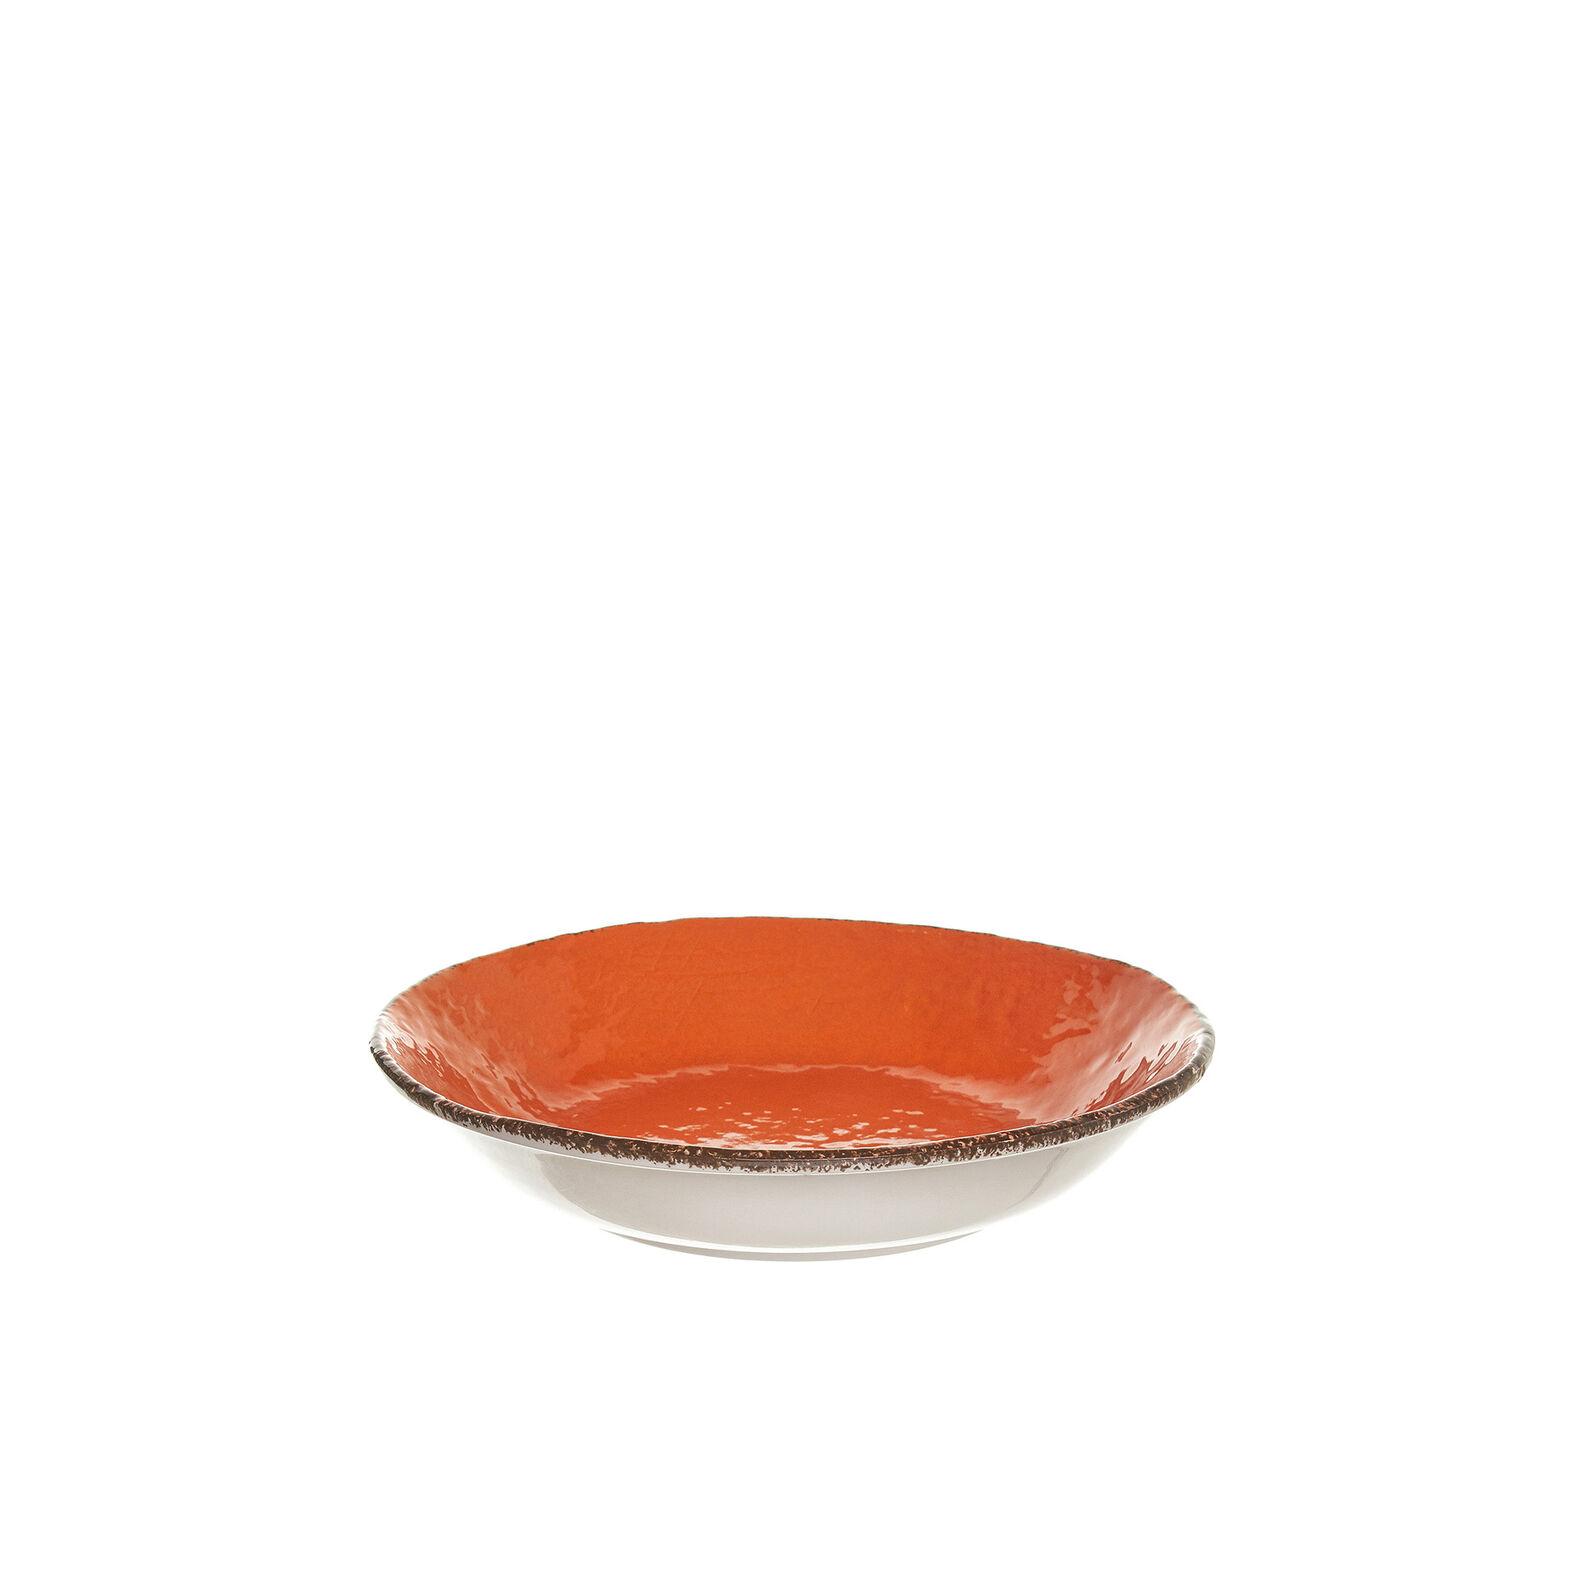 Preta handmade ceramic soup plate